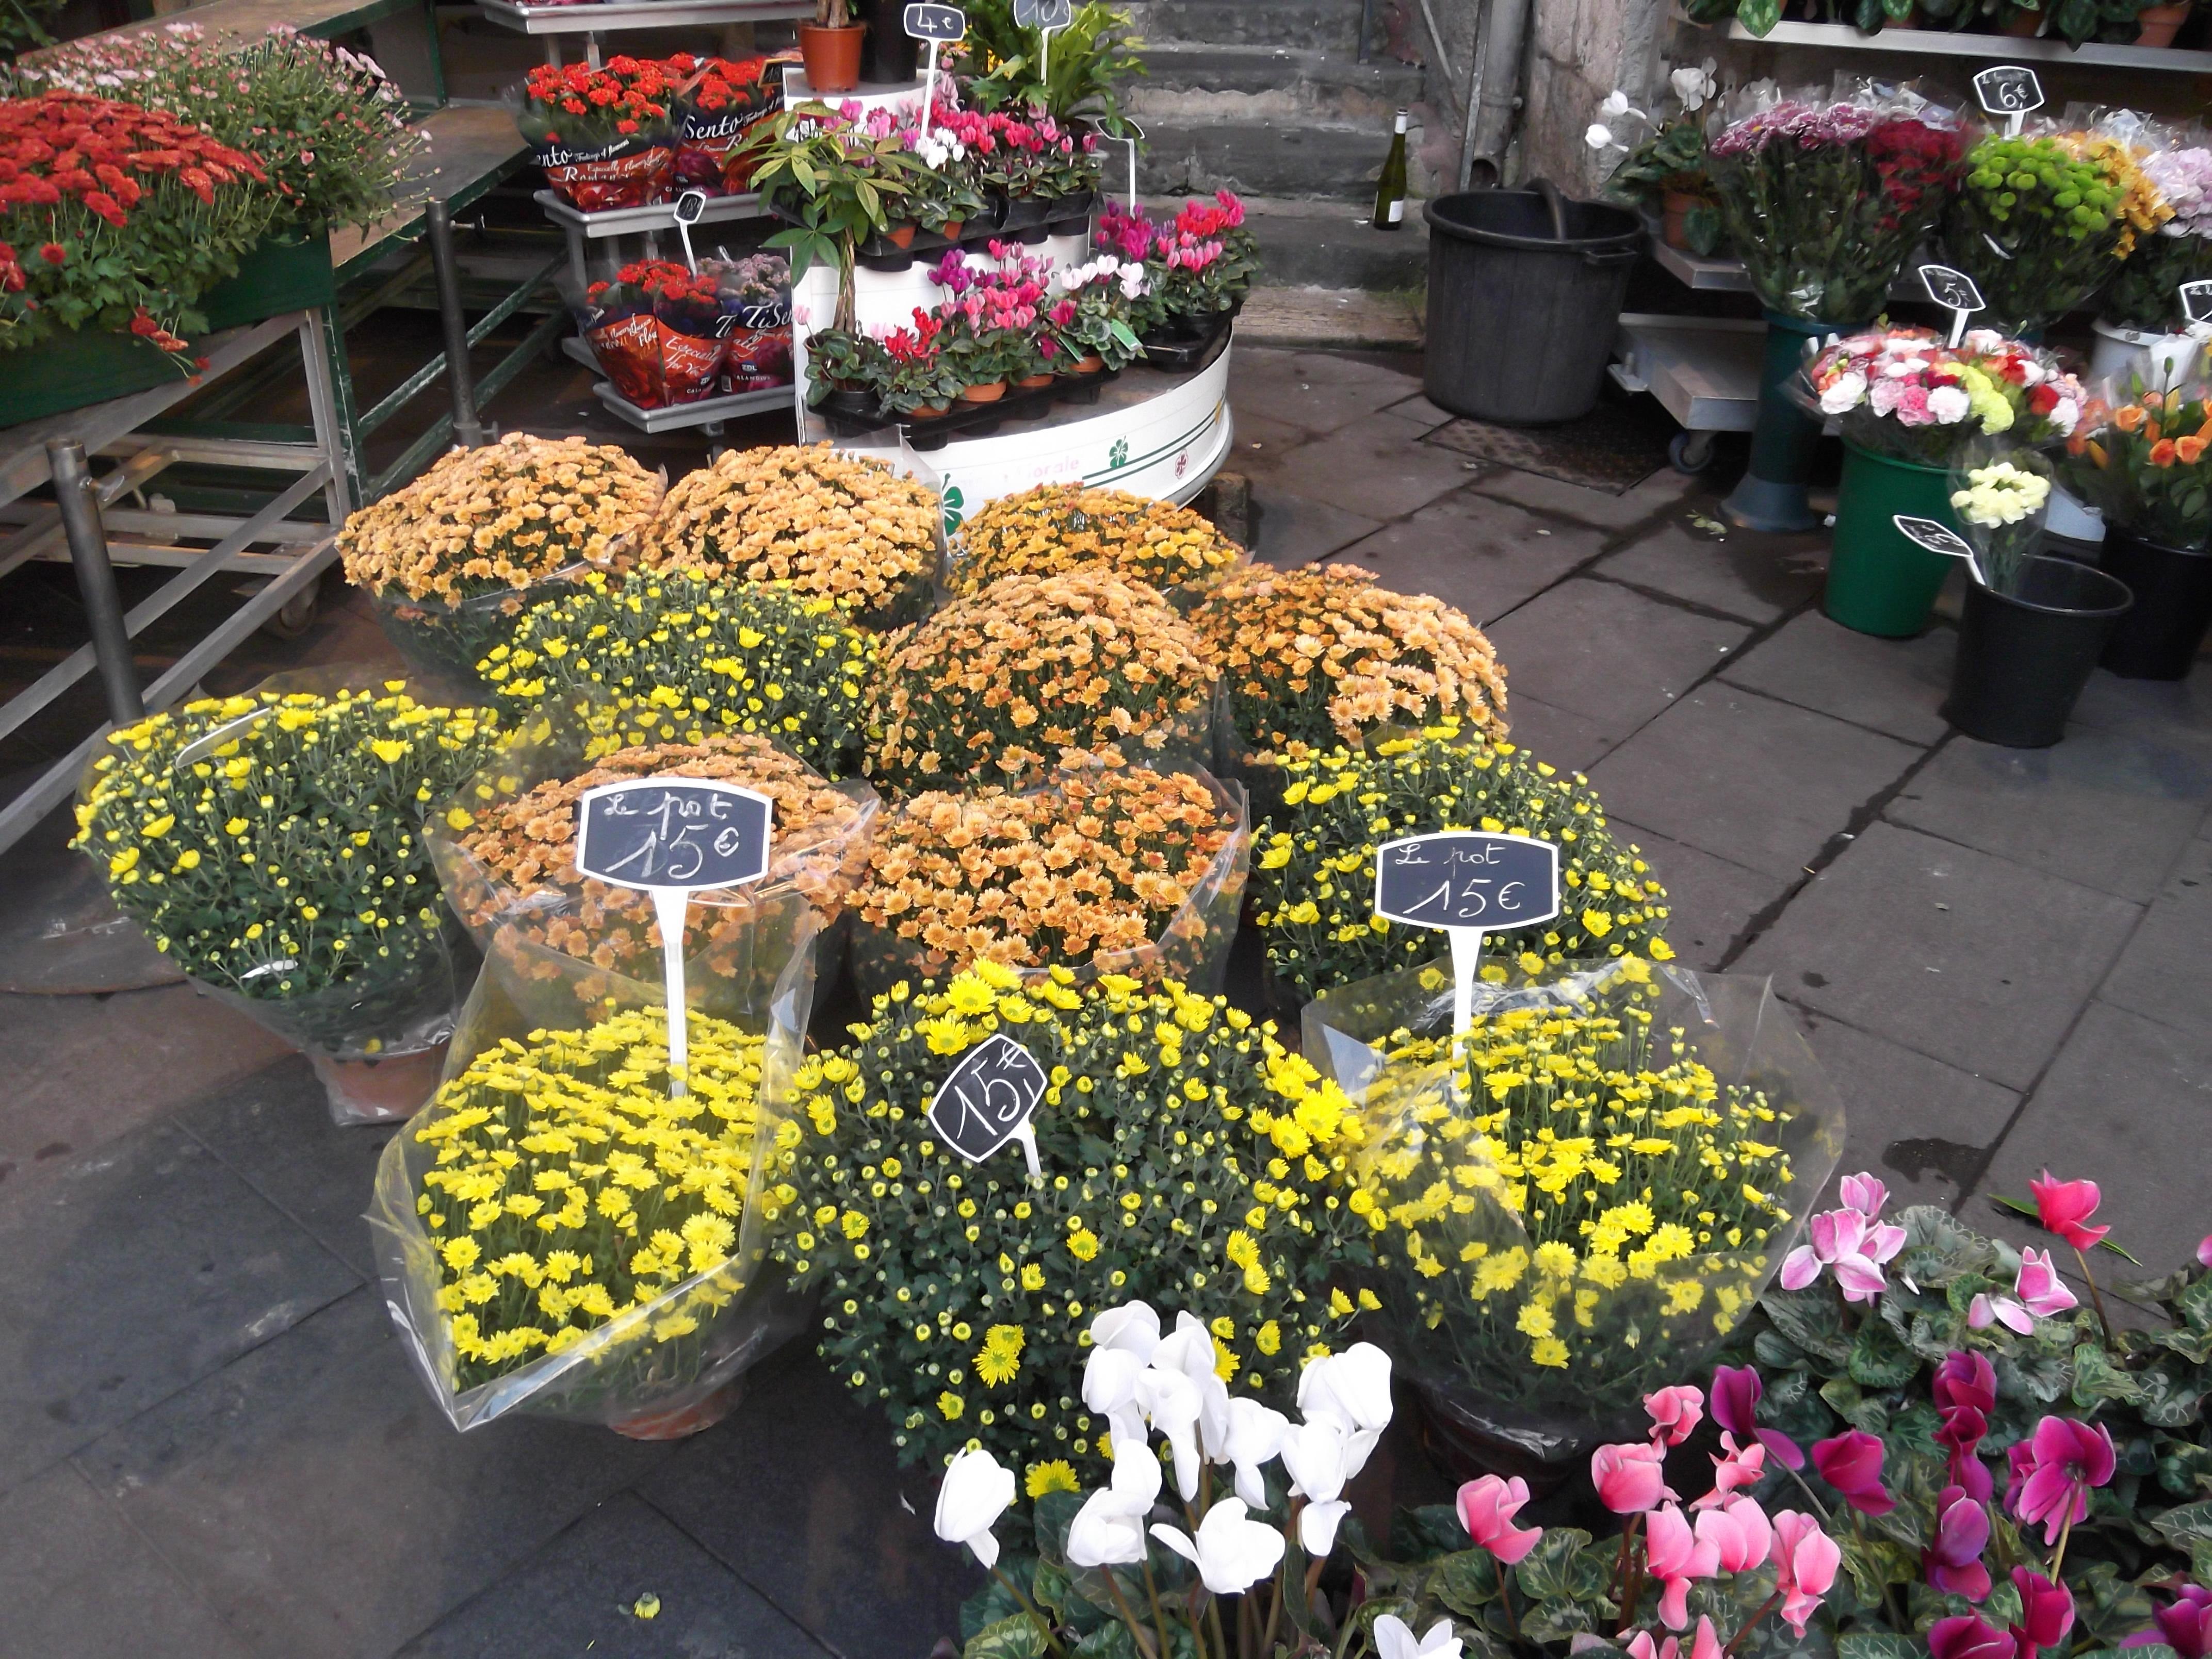 Confronto prezzi italia francia quanto costano crisantemi - Crisantemi in vaso ...